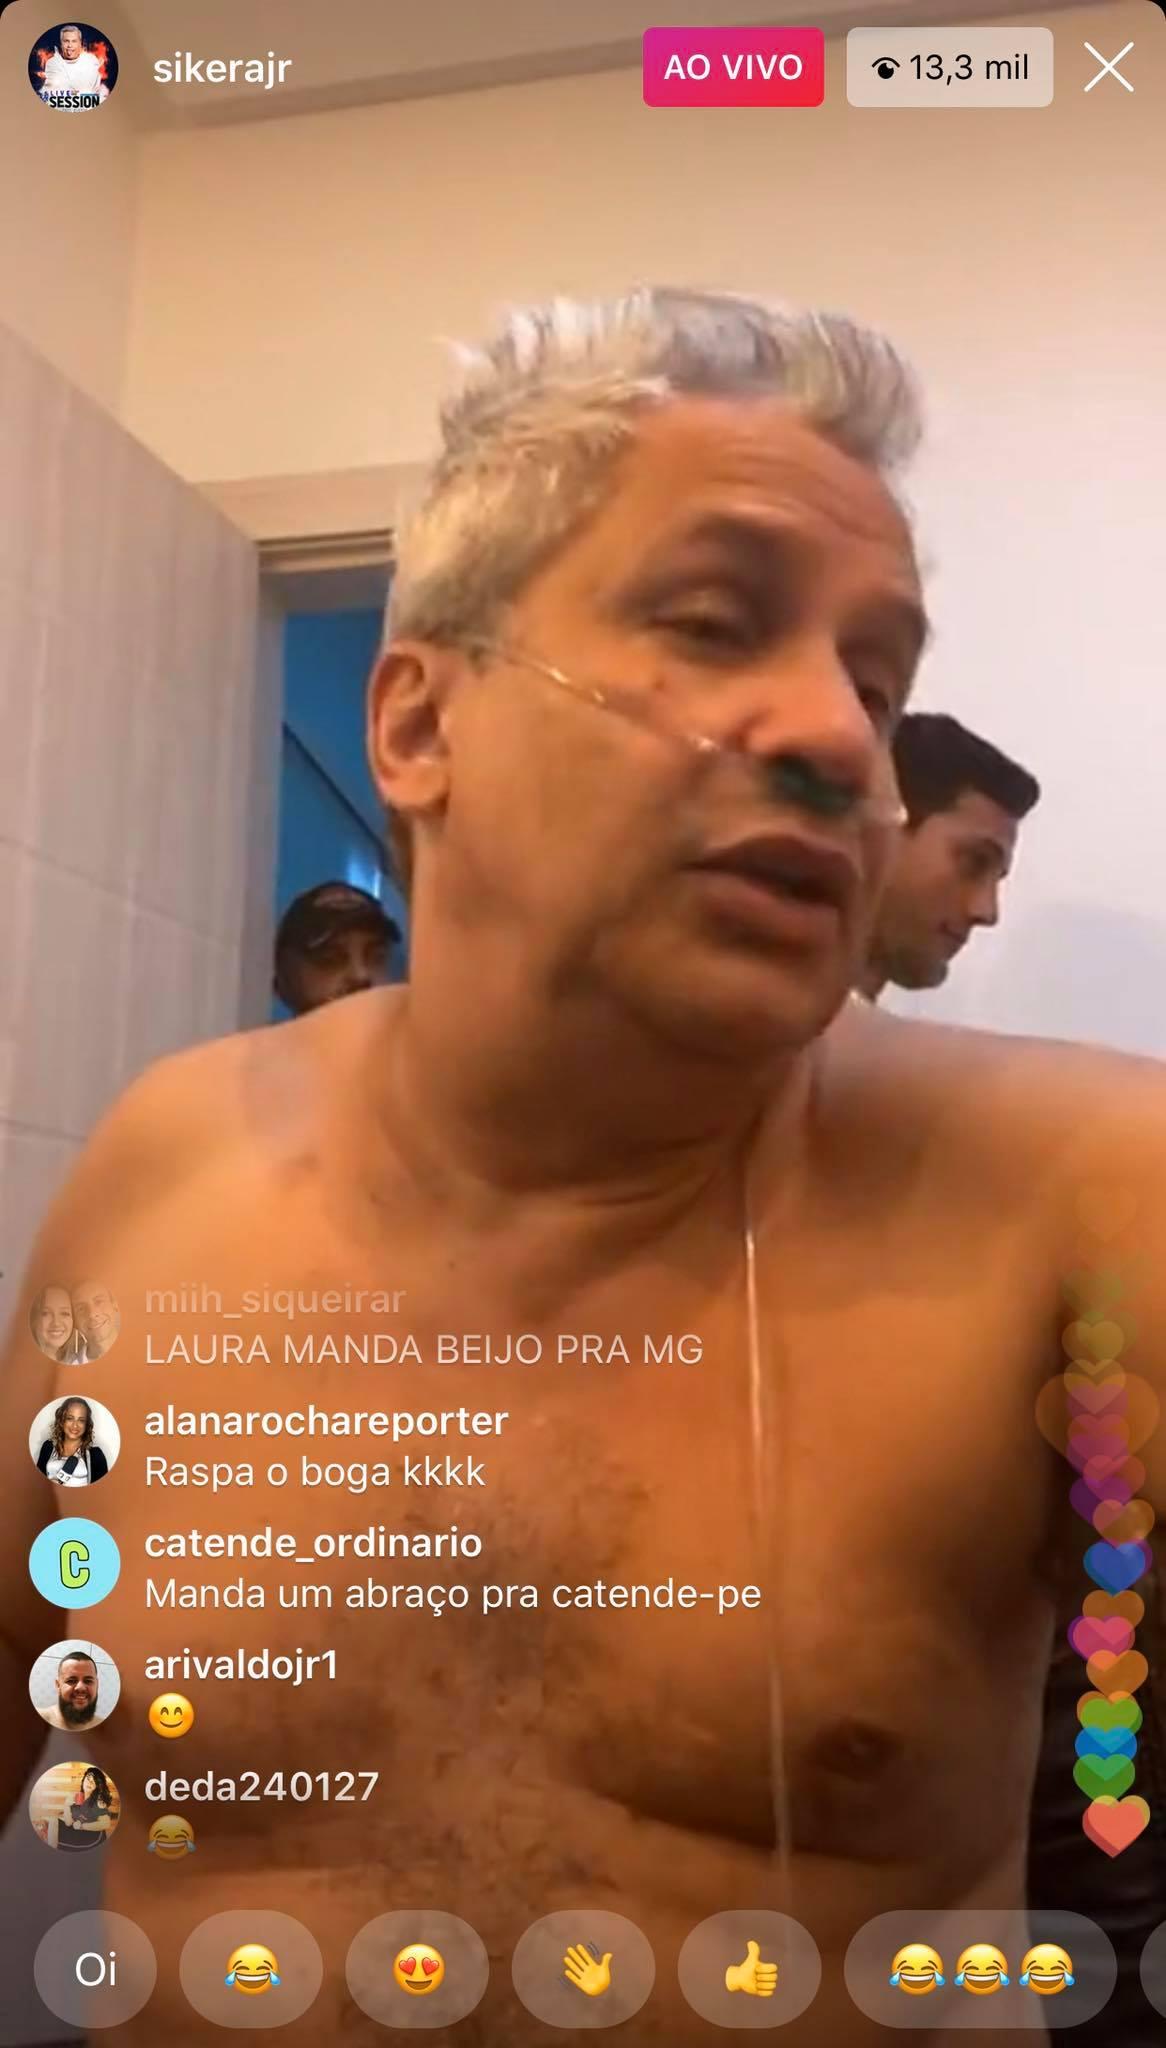 Sikêra Jr. apareceu em live seminu e com aparelho para respirar (Foto: Reprodução)